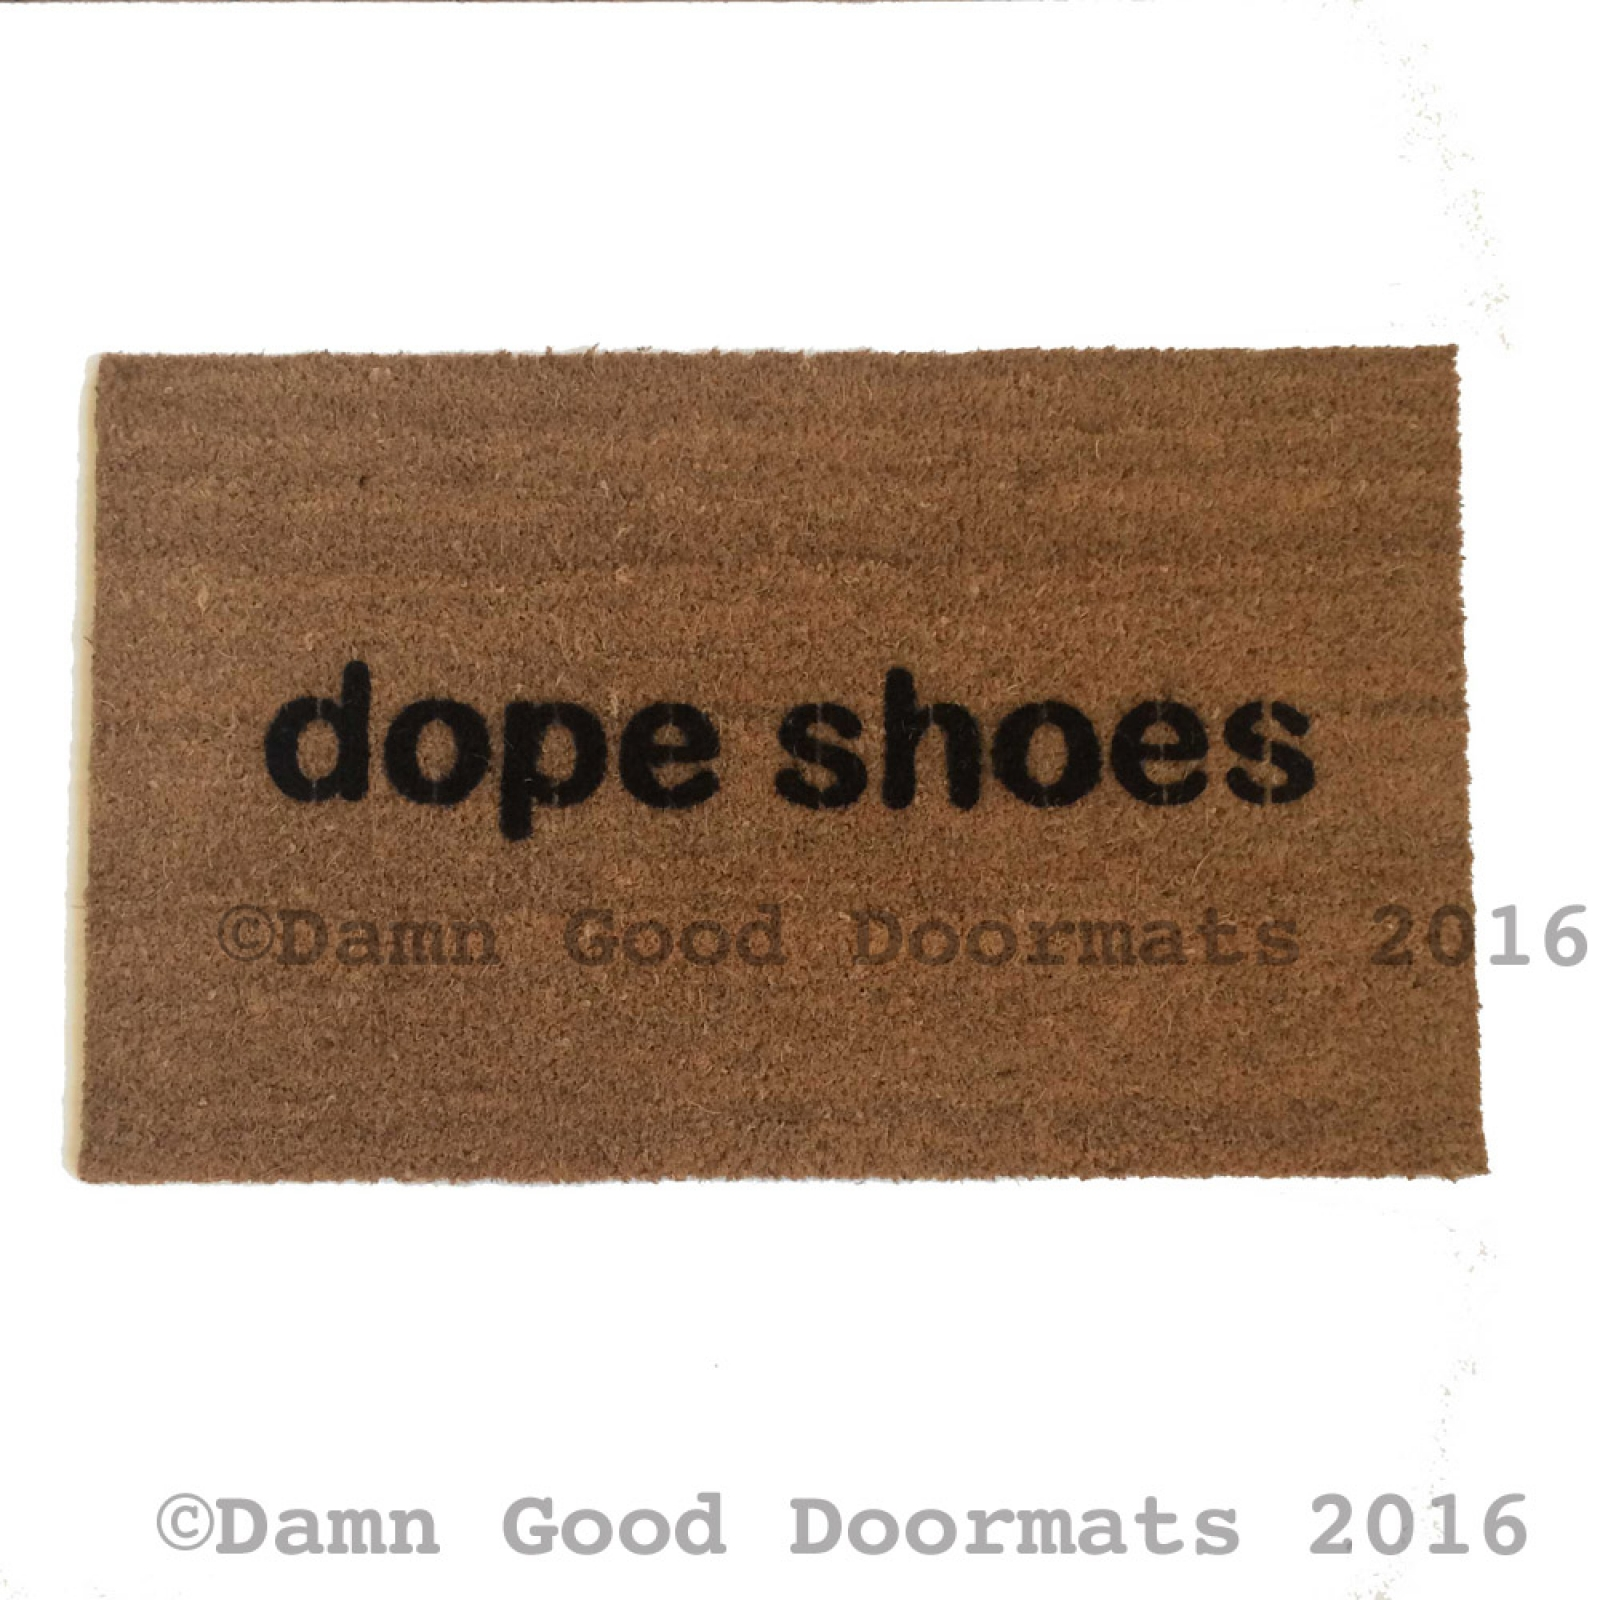 Shoes doormat shoes bitches door mat doormat area rug decorative - Remove shoes doormat ...